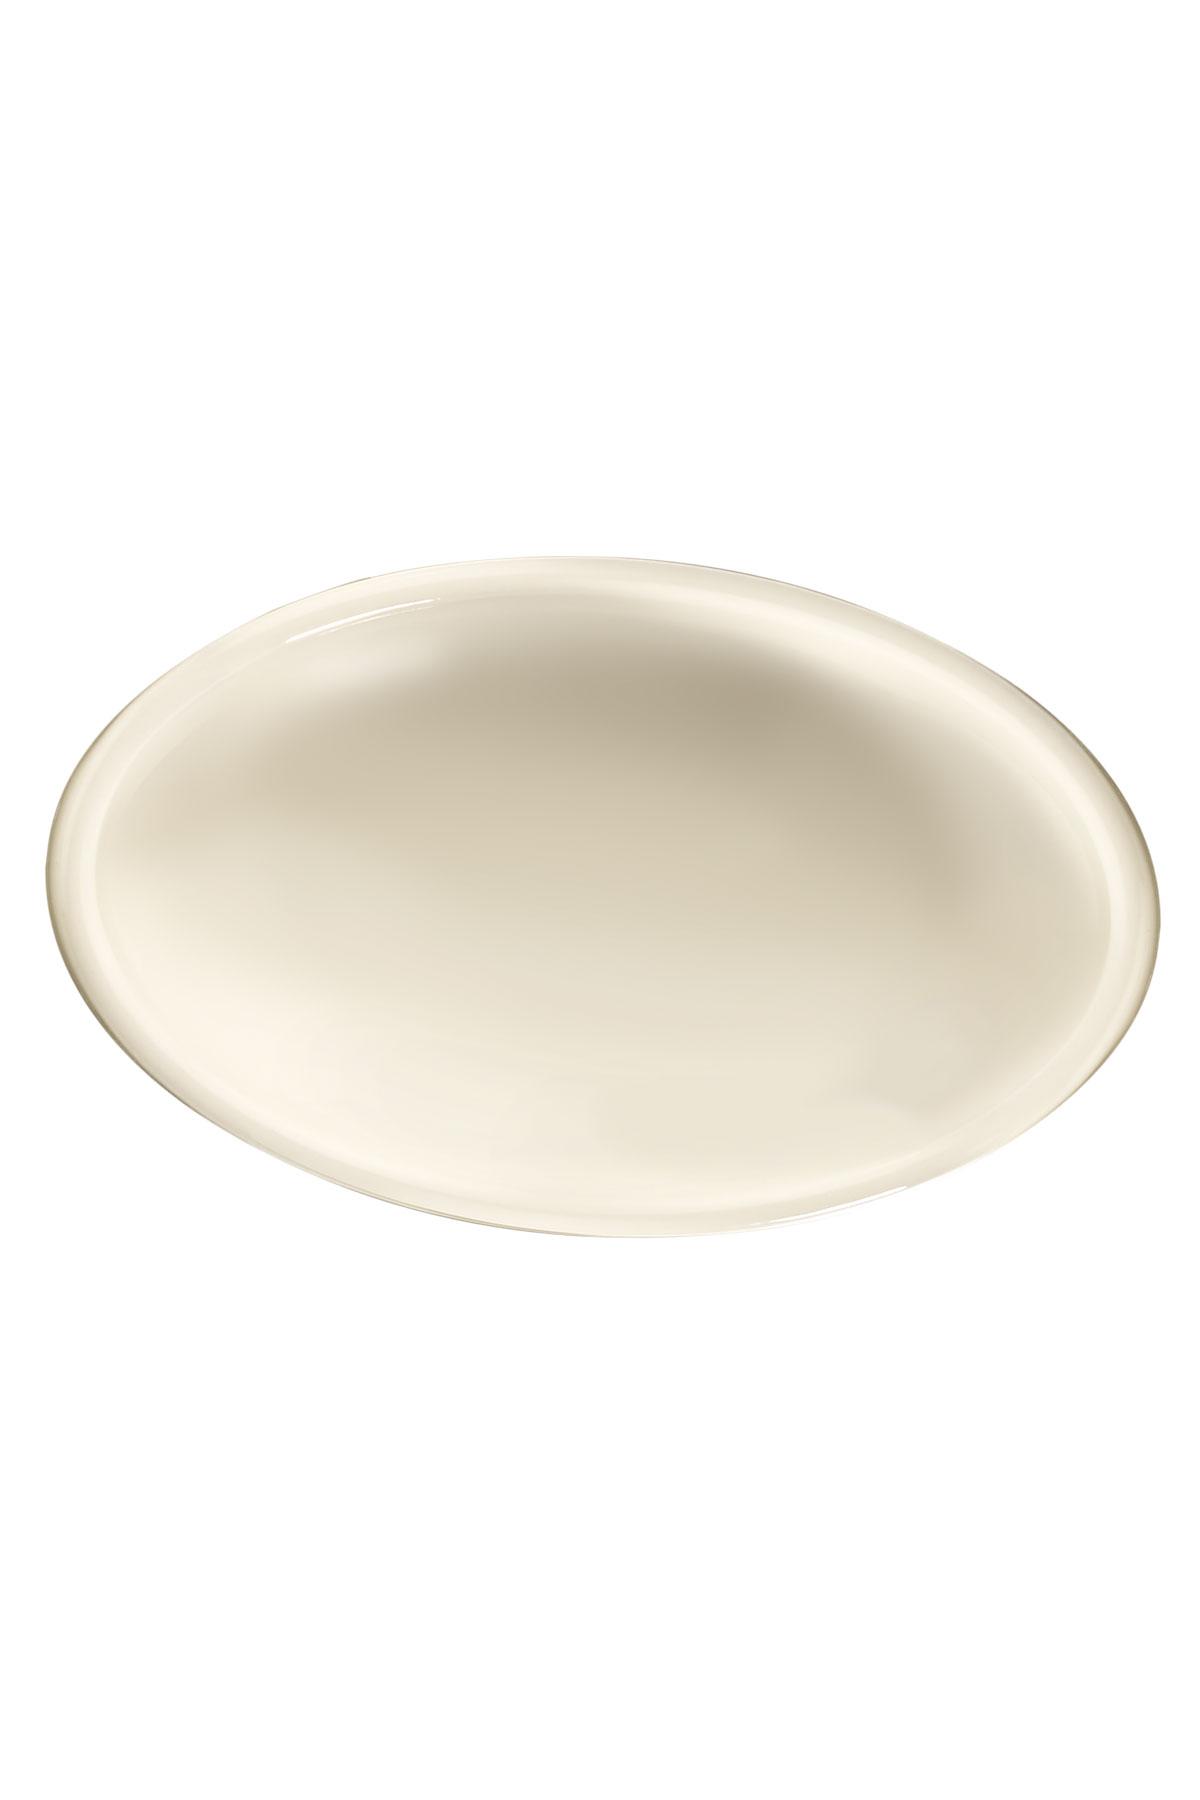 Kütahya Porselen - Kütahya Porselen Chef Taste Of 14 cm Oval Kase Krem